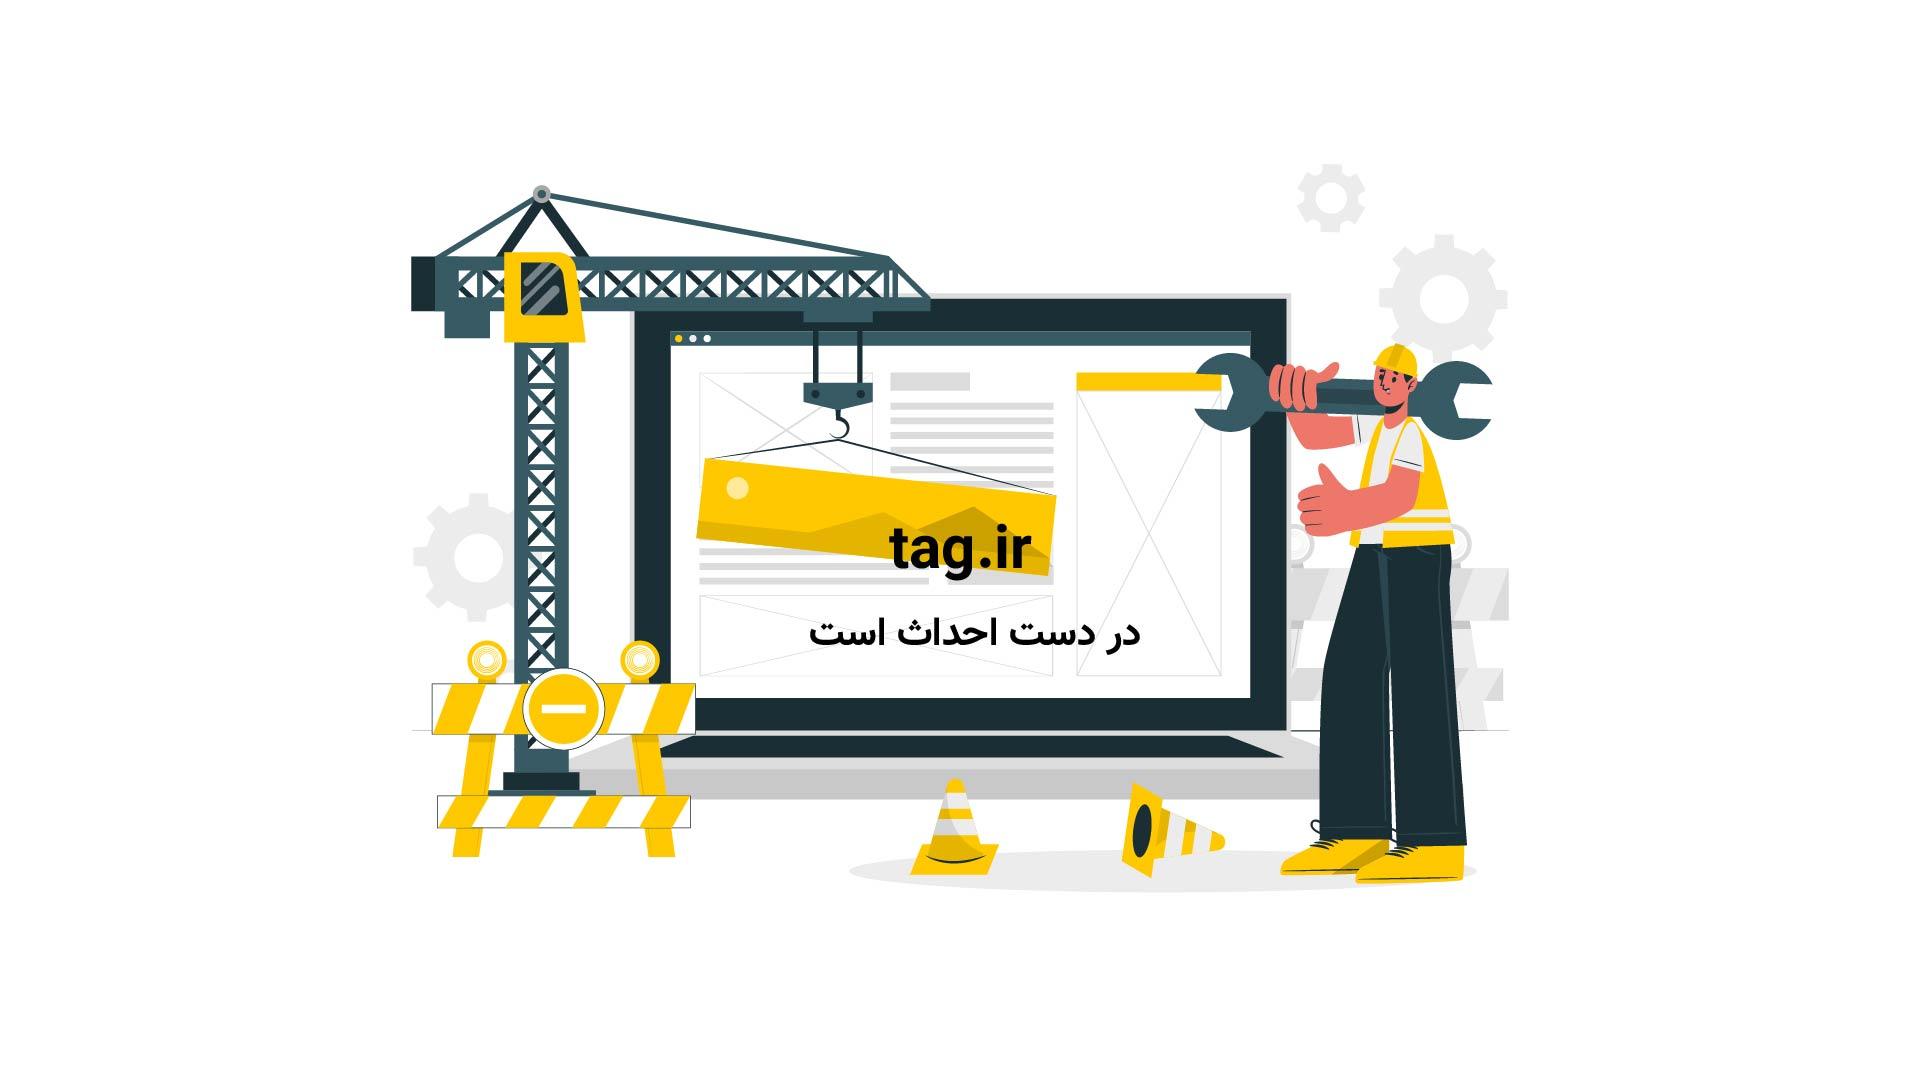 سخنرانی های تد ؛ توضیحاتی درباره زودیاک چینی |فیلم